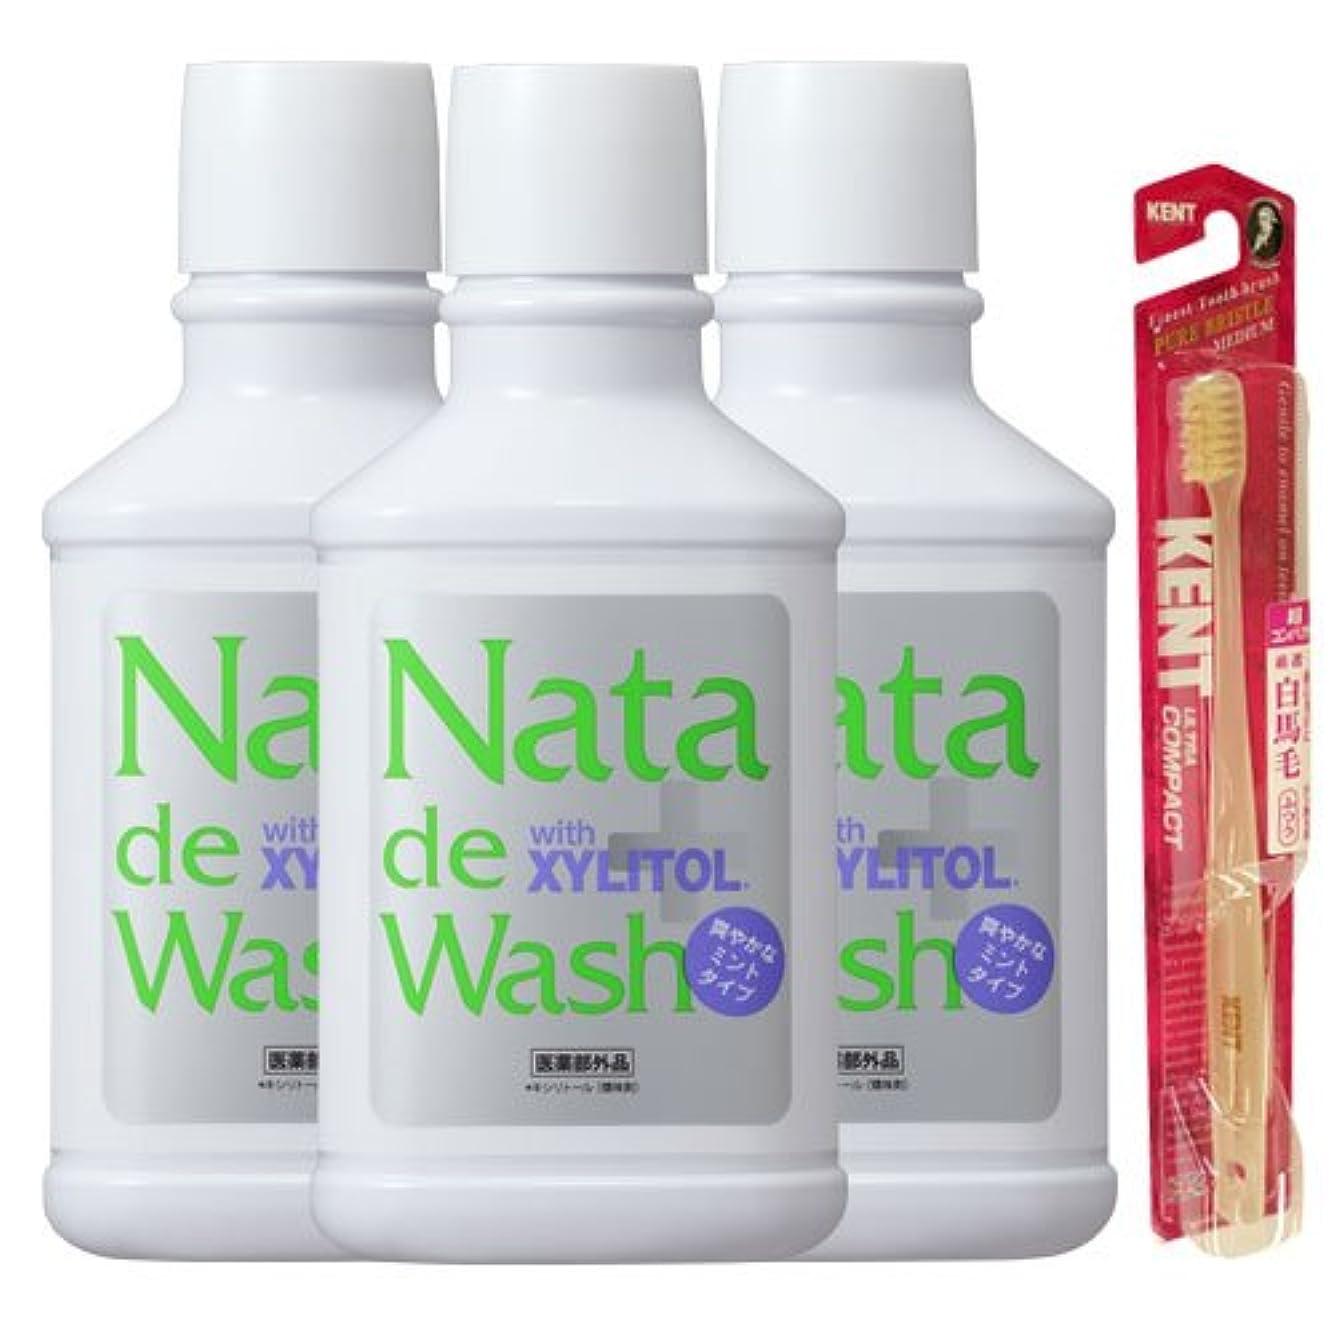 ミュートクレア新しさ薬用ナタデウォッシュ 爽やかなミントタイプ 500ml 3本& KENT歯ブラシ1本プレゼント